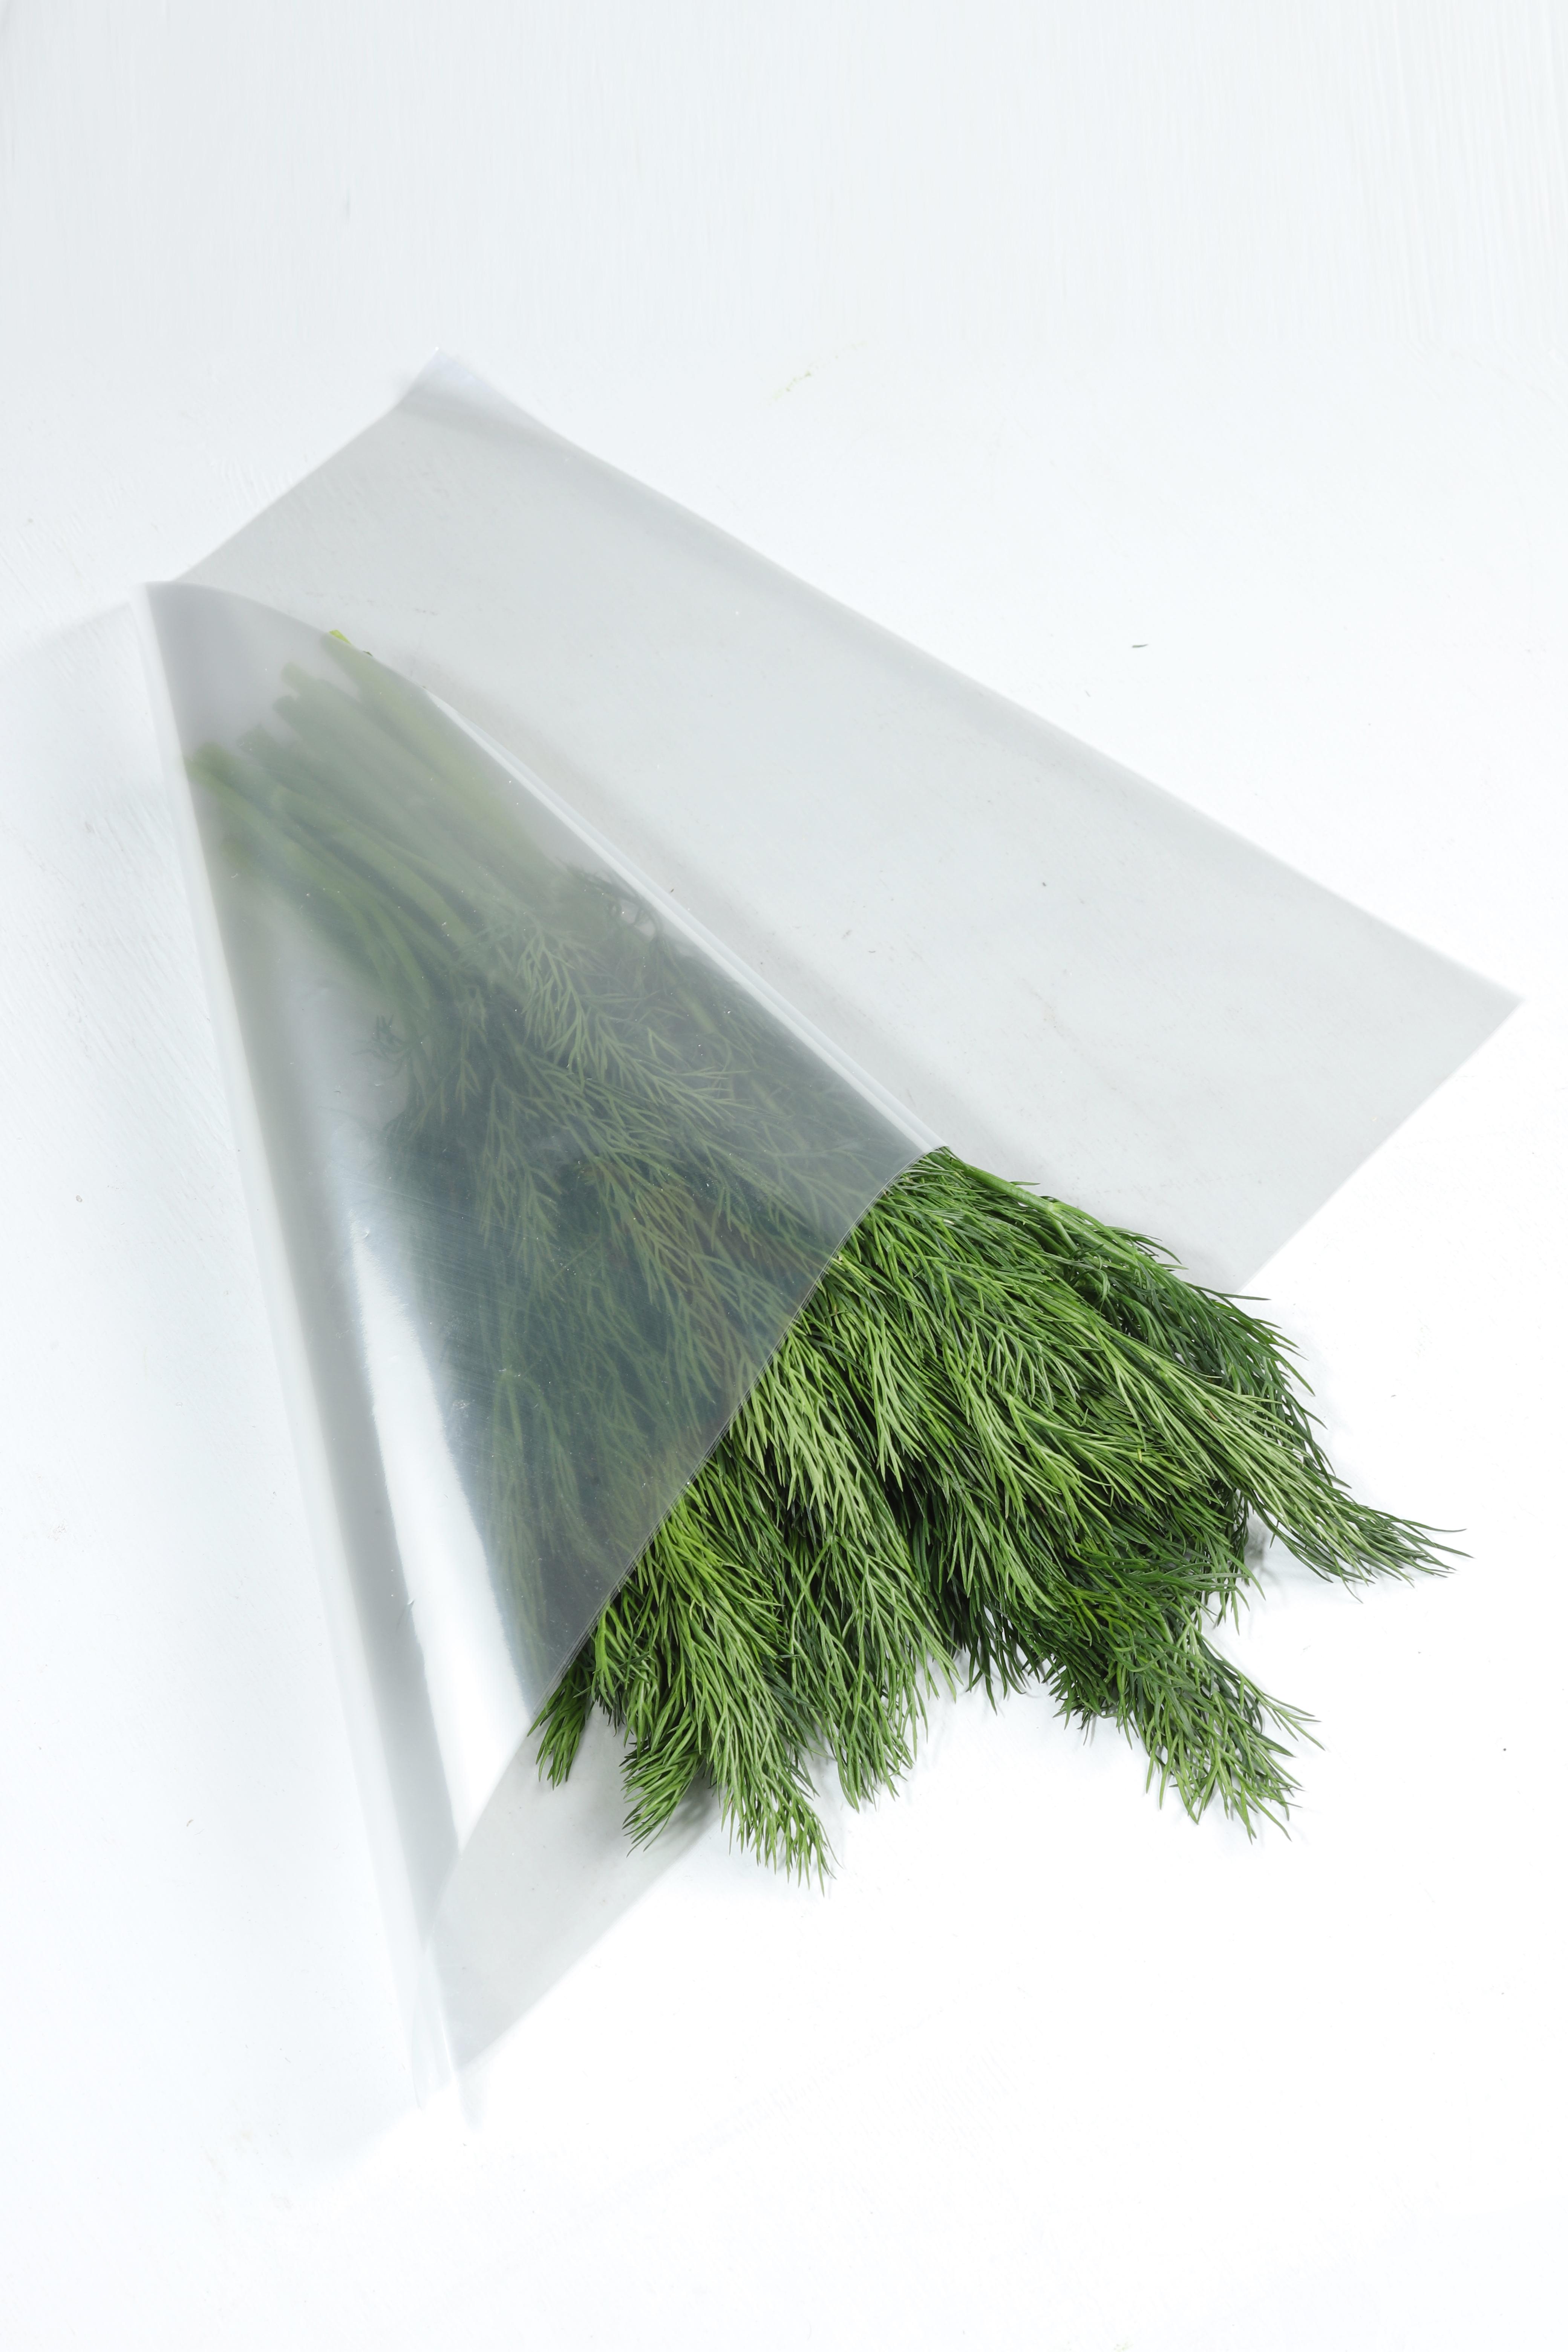 pakety-dlya-zeleni-artha-s